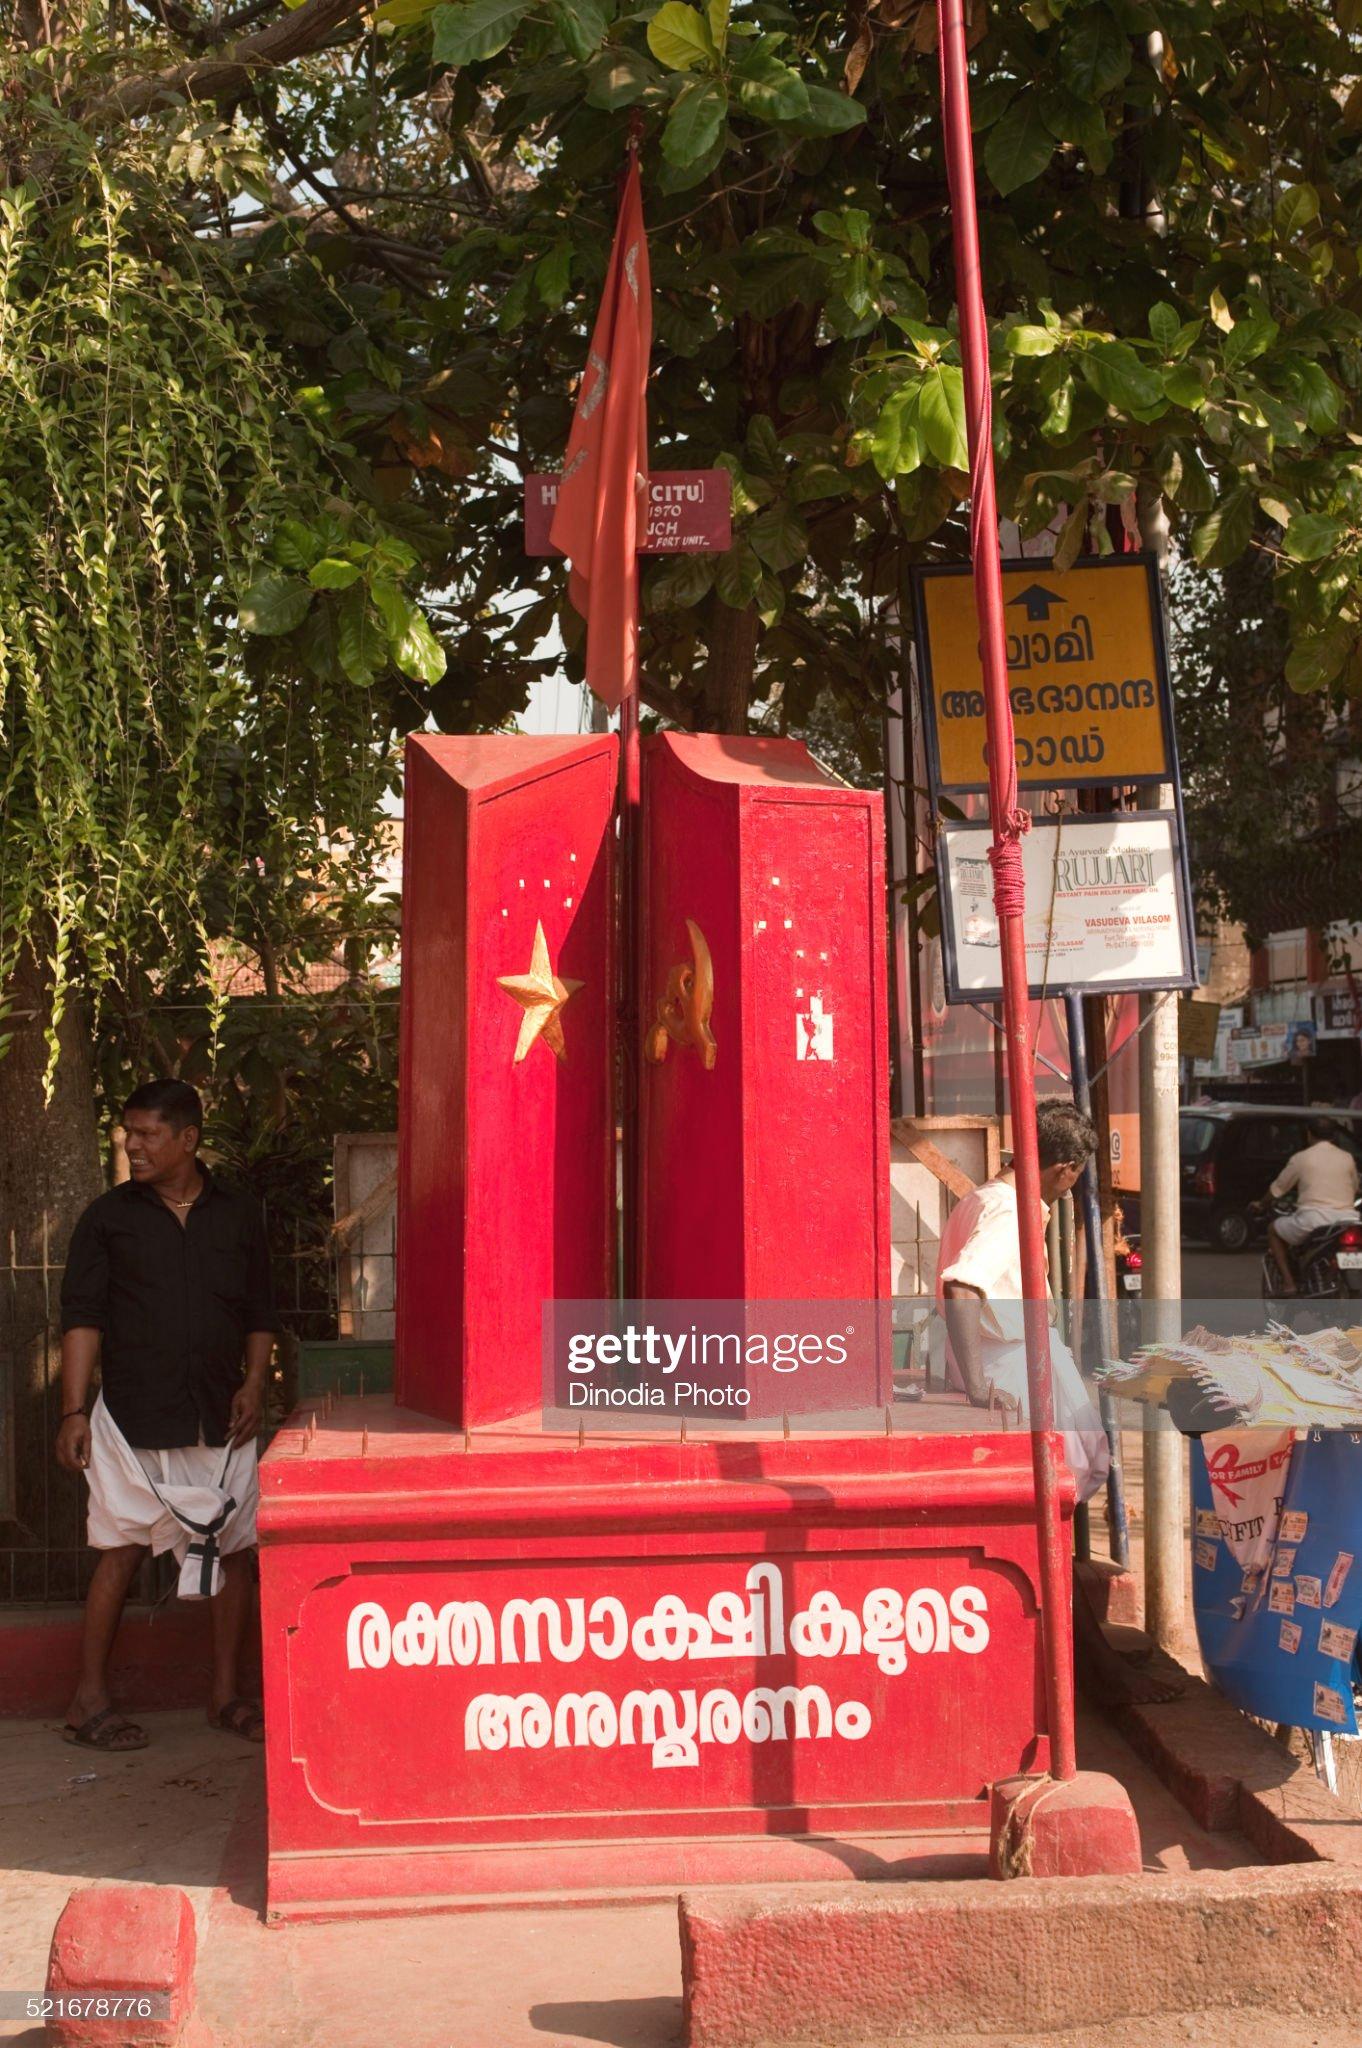 Communist parties flag and structure, Trivandrum Thiruvananthapuram, Kerala, India : Stock Photo